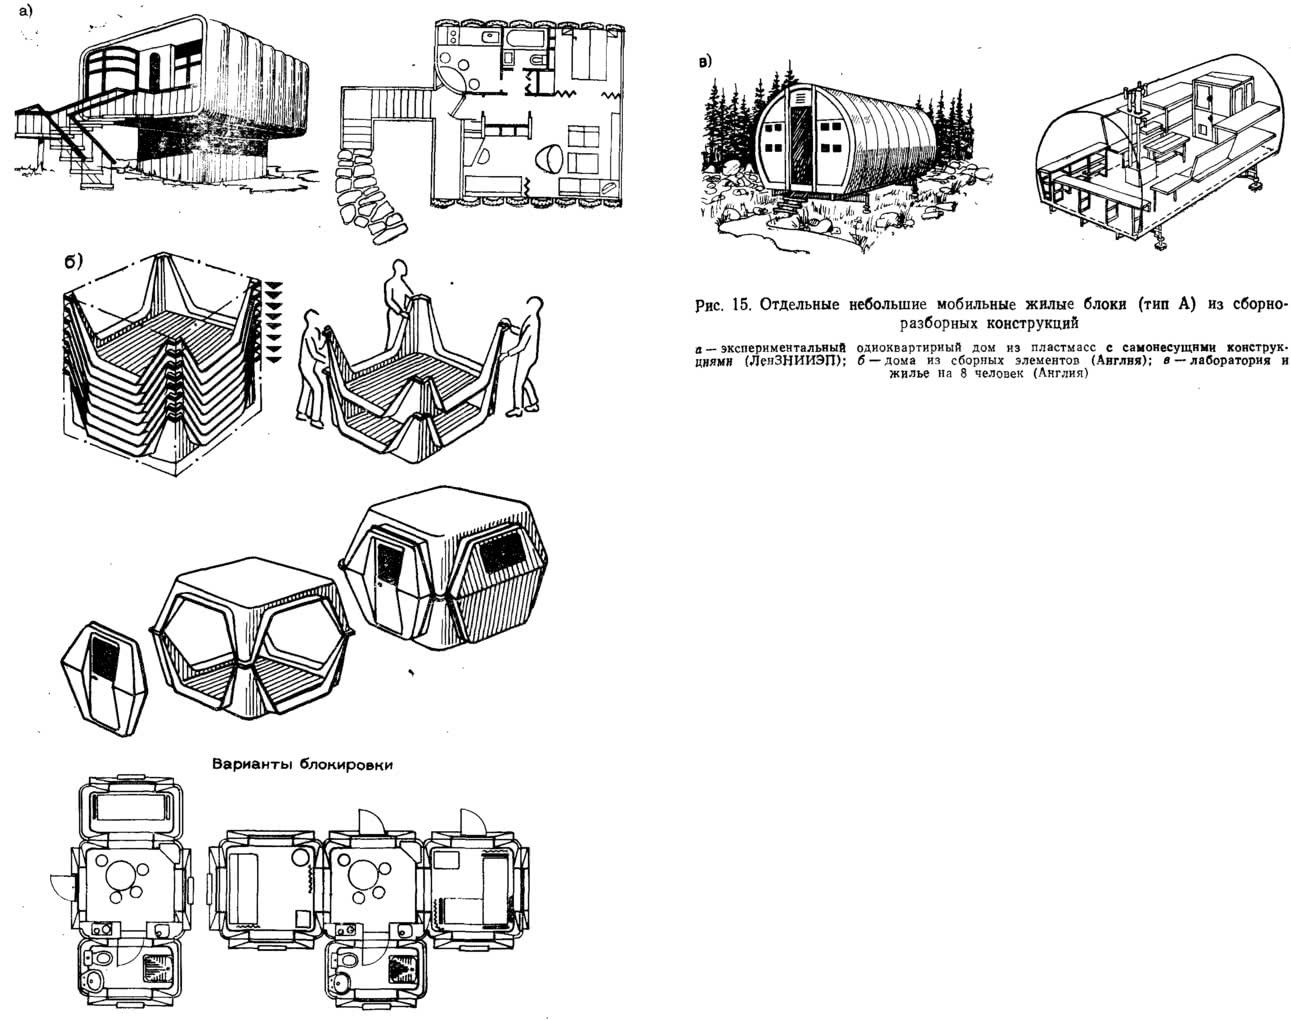 Рис. 15. Отдельные мобильные жилые блоки из сборноразборных конструкций